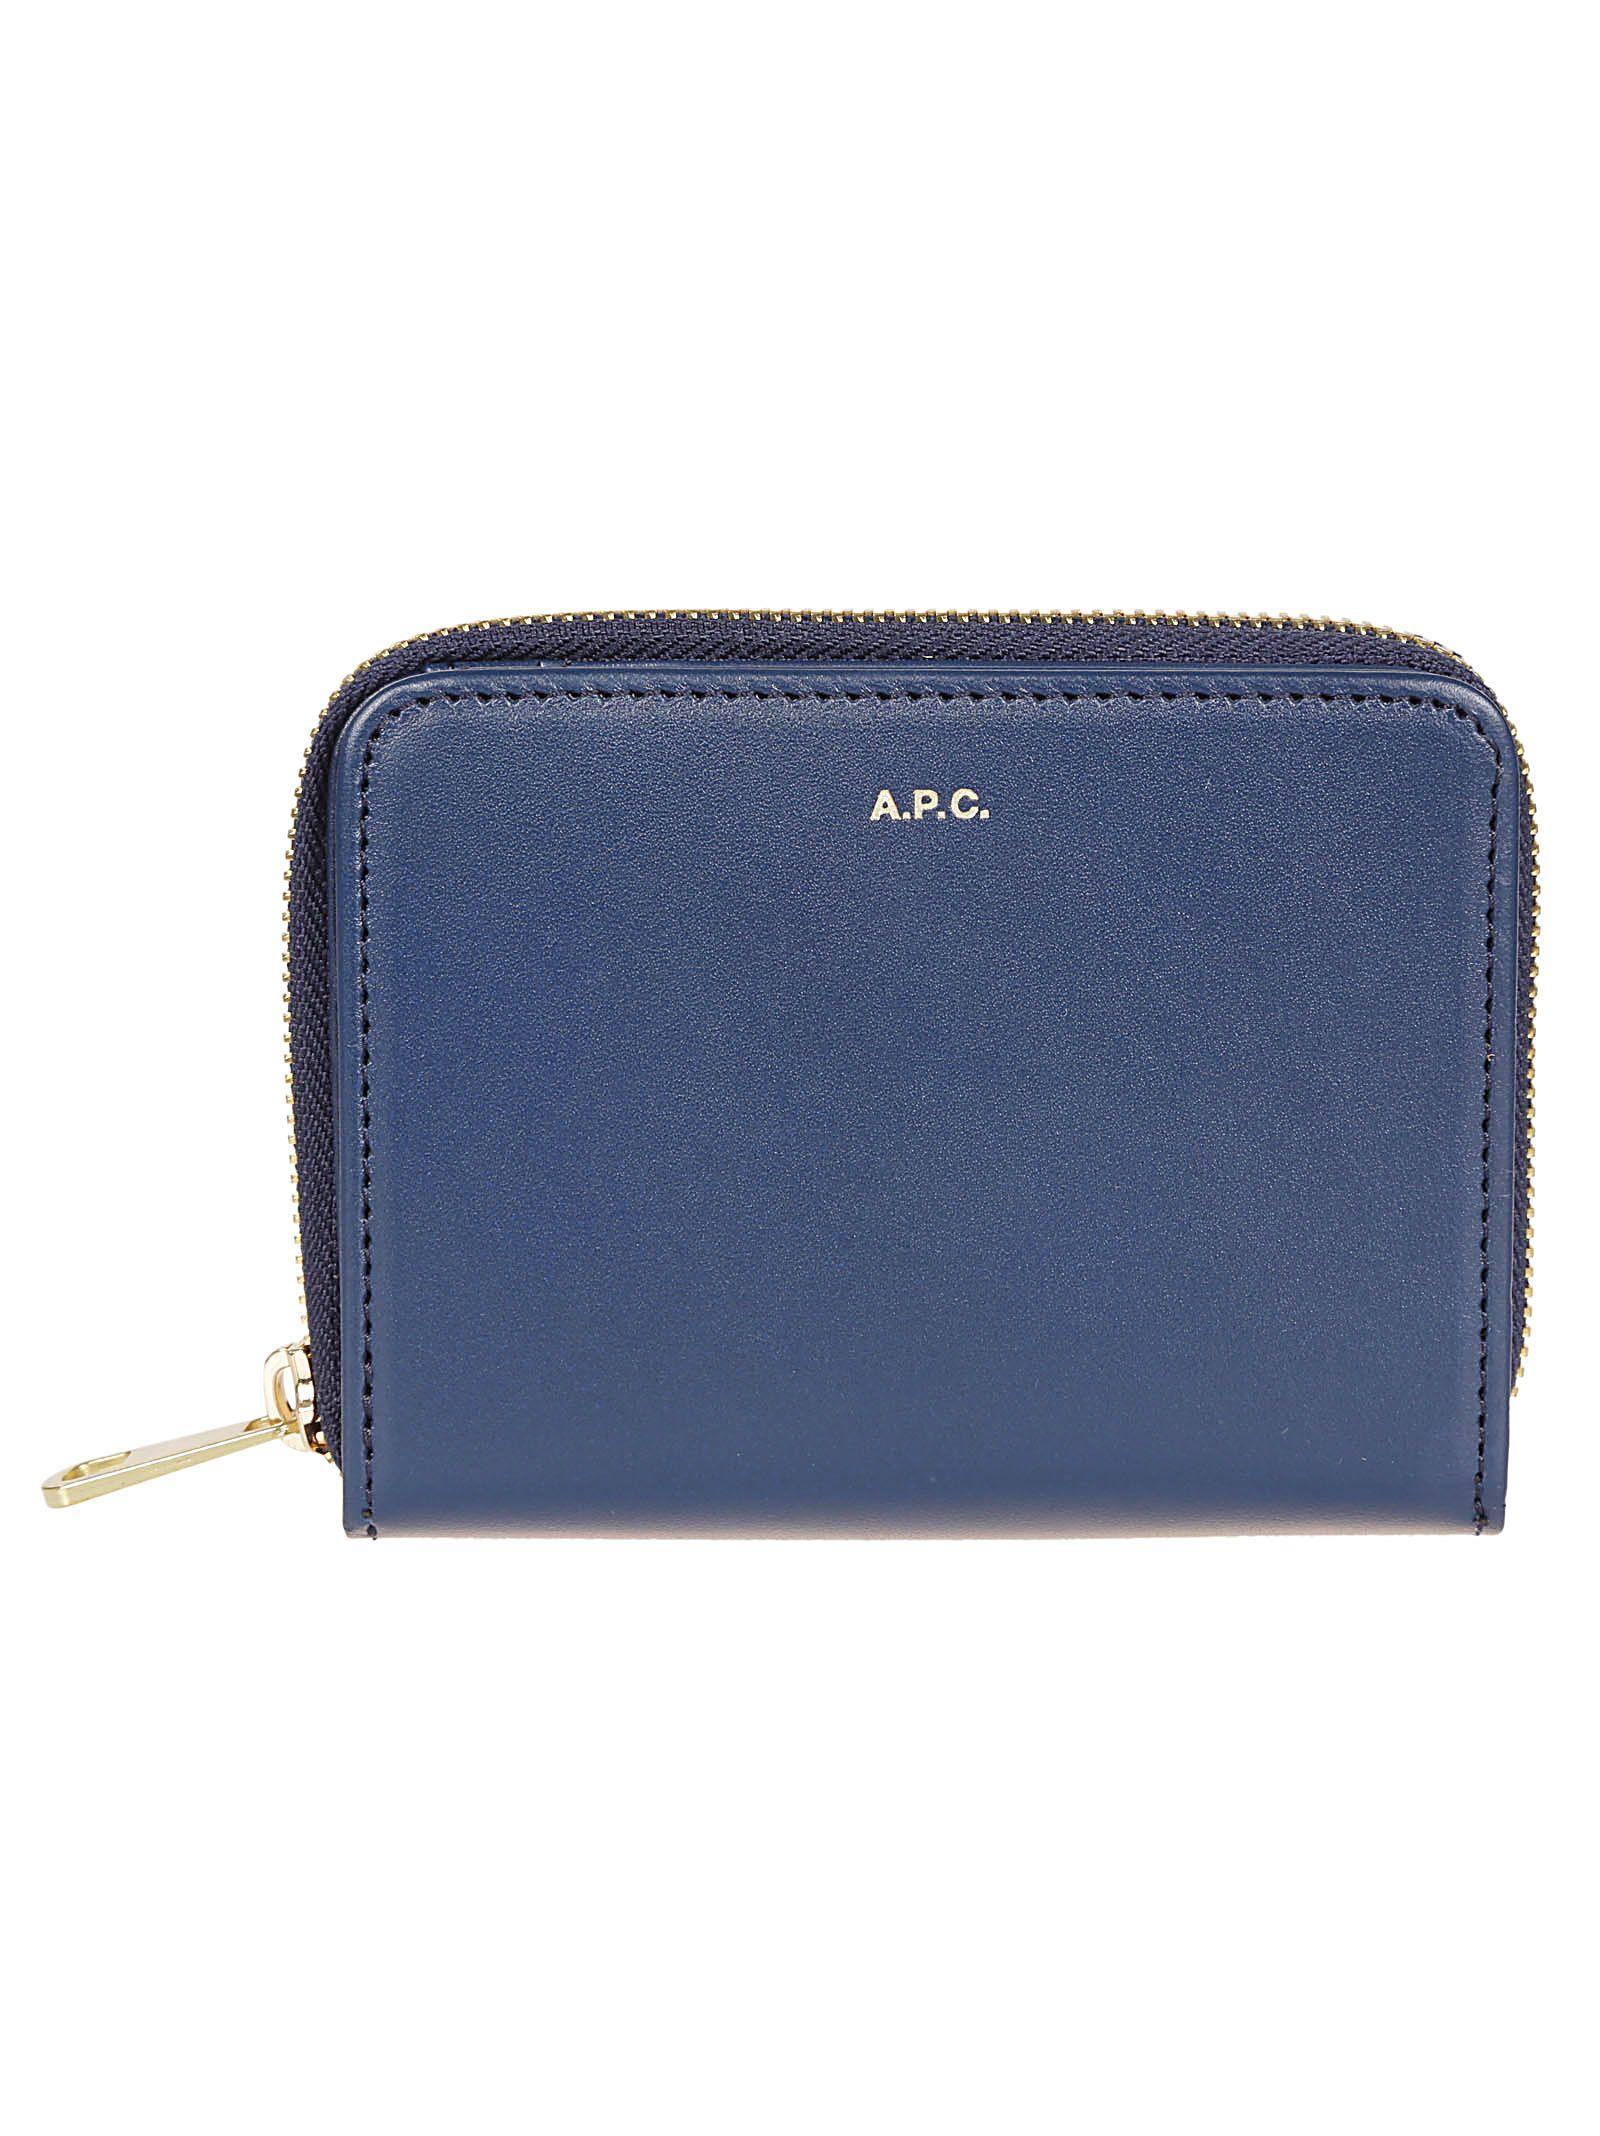 A.P.C. All Around Zip Wallet, Marine